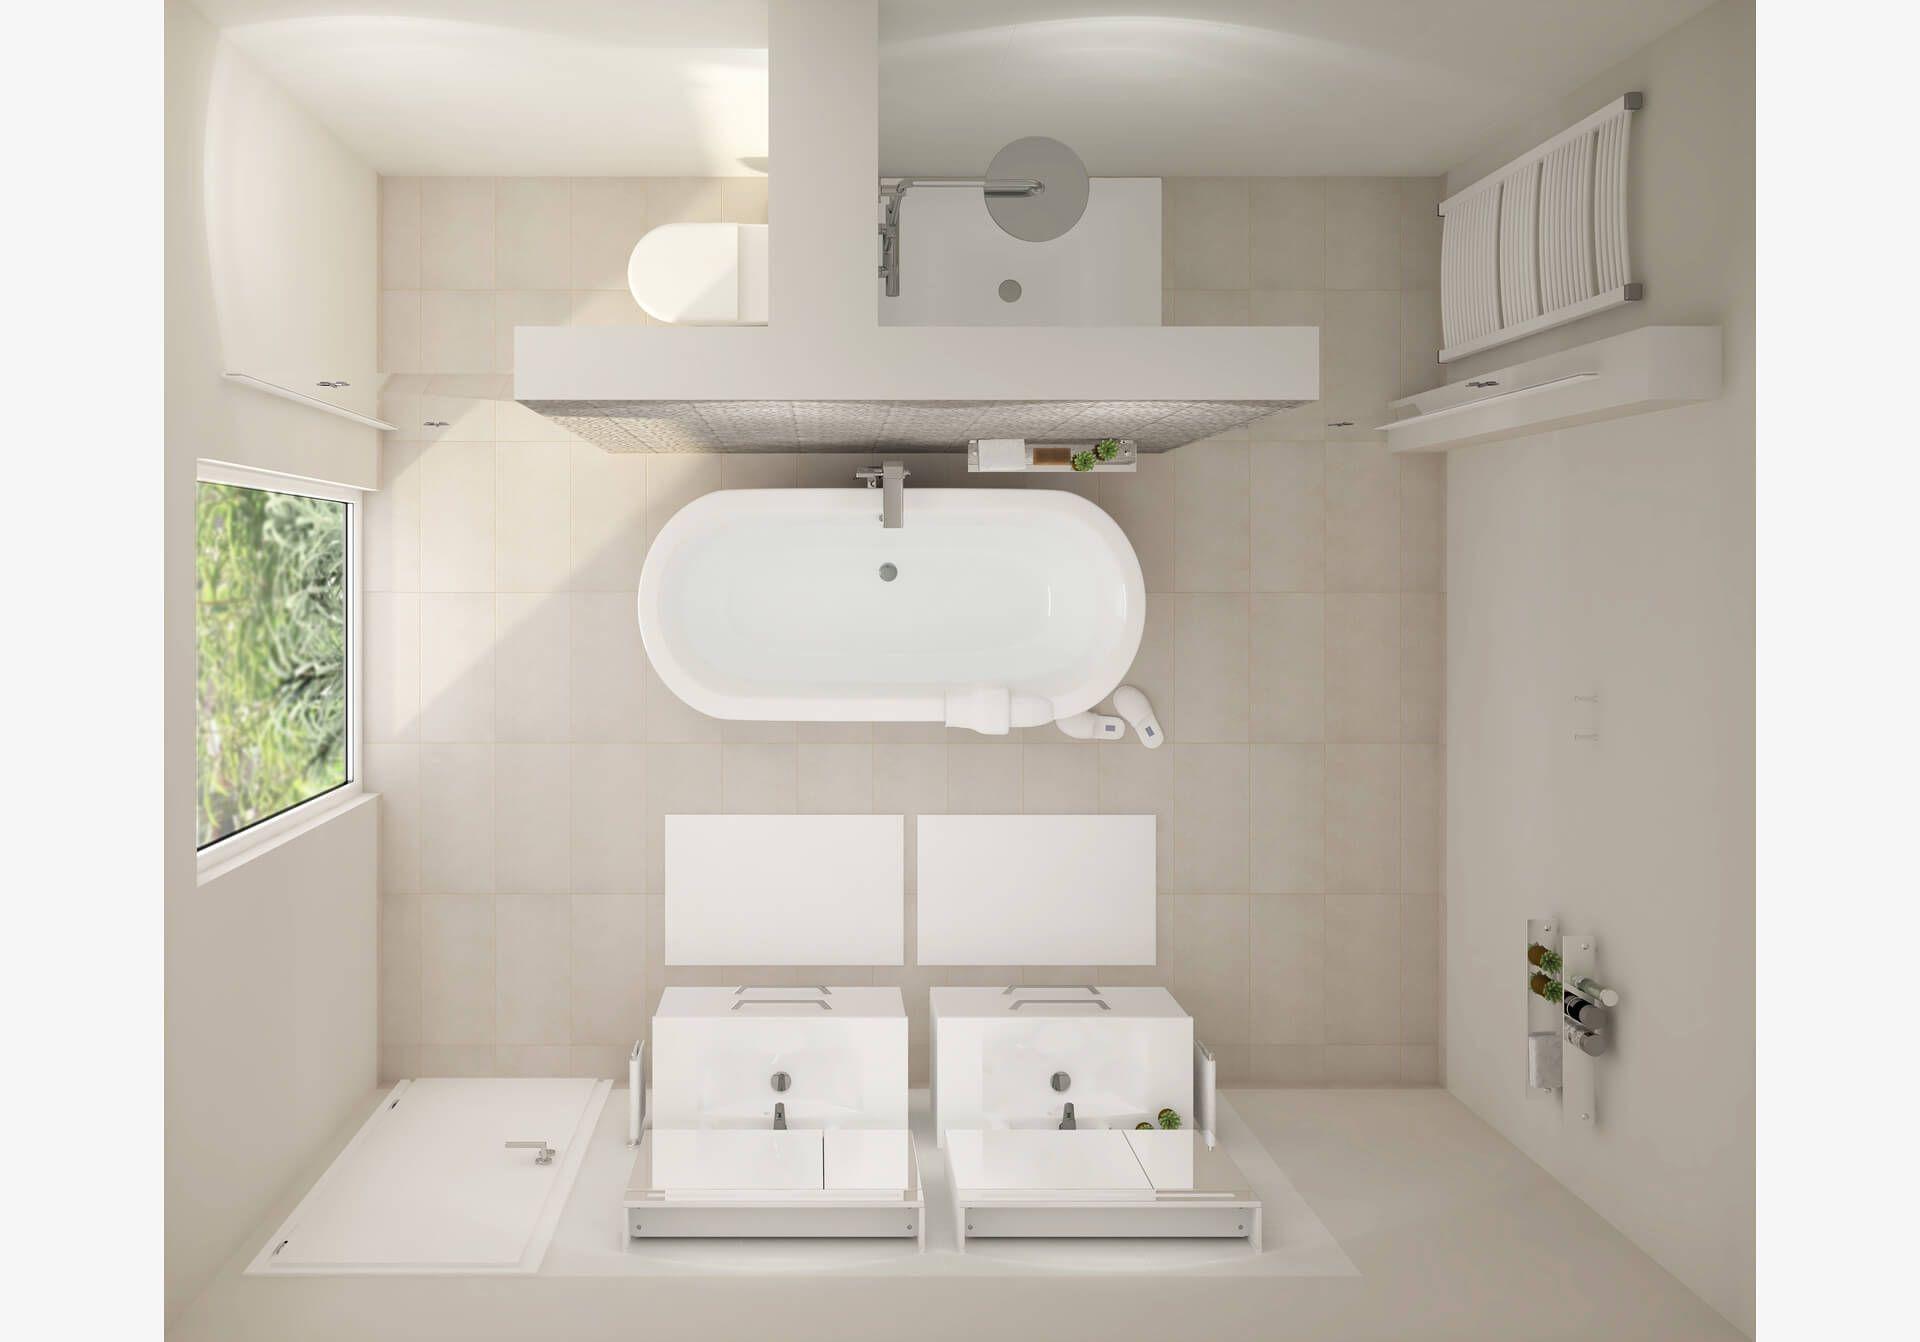 Badezimmer Sanfter Morgen In 2020 Helle Badezimmer Badezimmer Innenausstattung Und Badezimmer